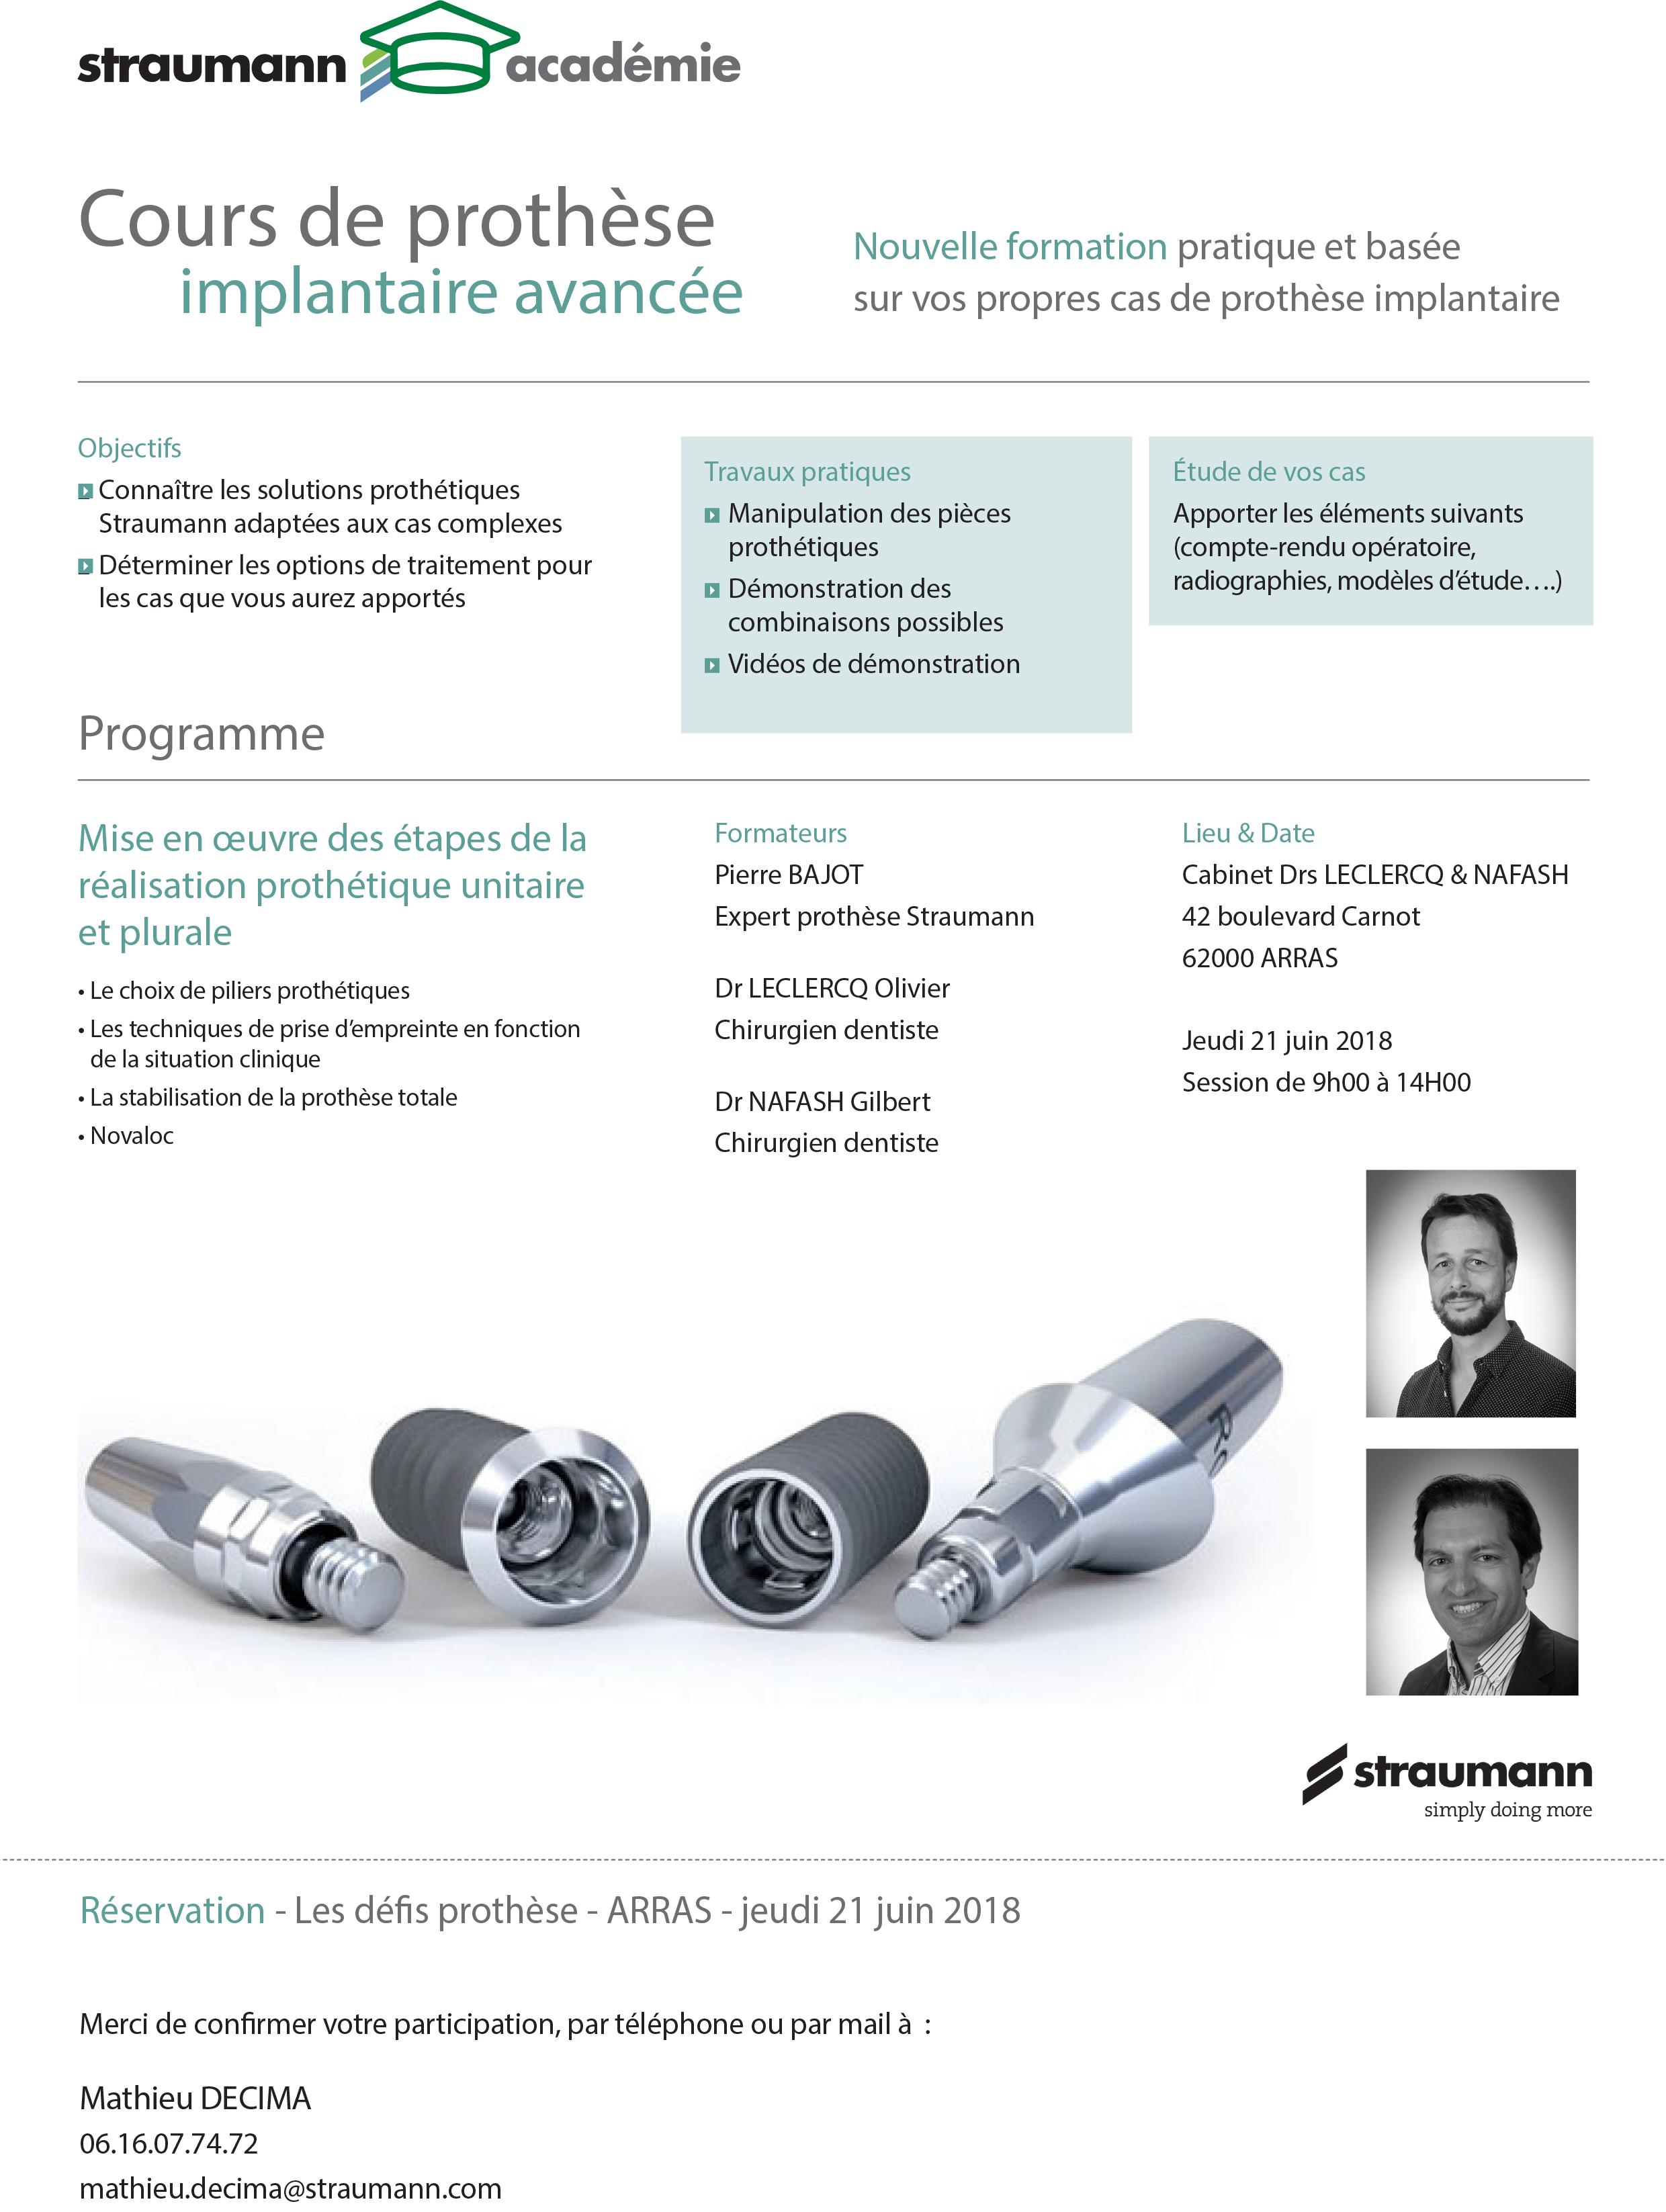 Cours de prothèse implantaire avancée @ Cabinet Drs LECLERCQ & NAFASH